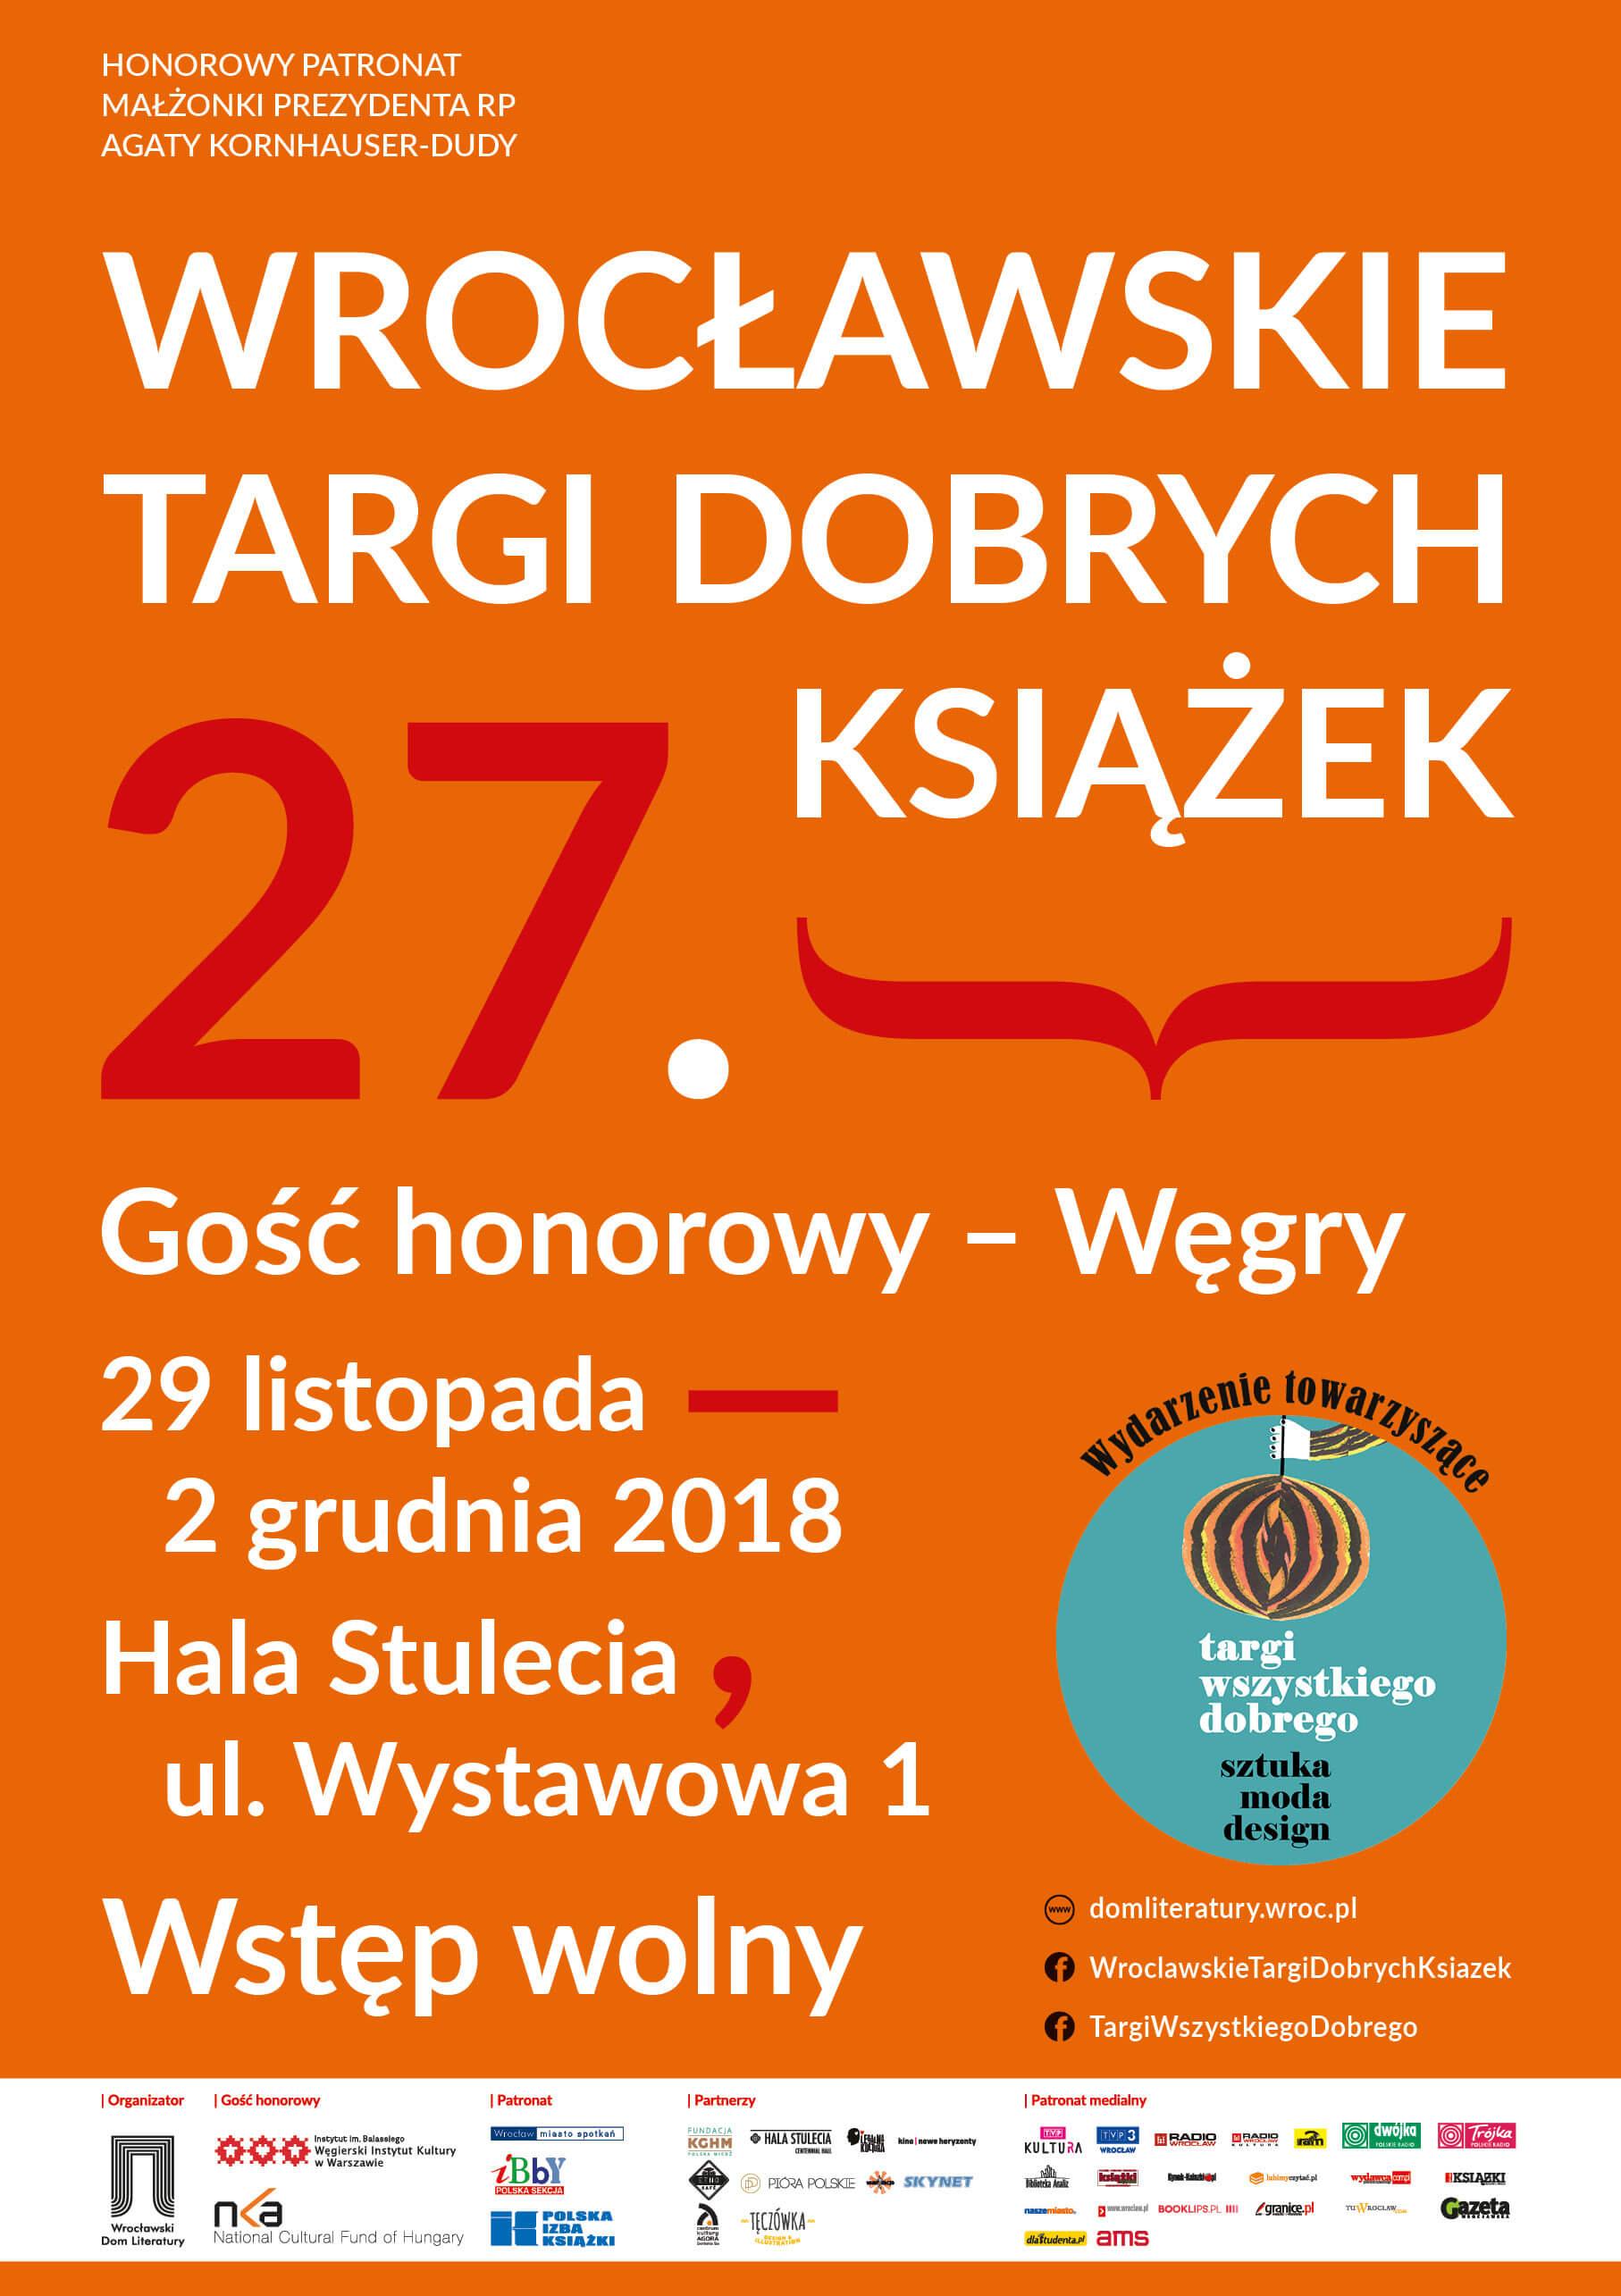 27. Wrocławskie Targi Dobrych Książek (źródło: materiały prasowe organizatora)